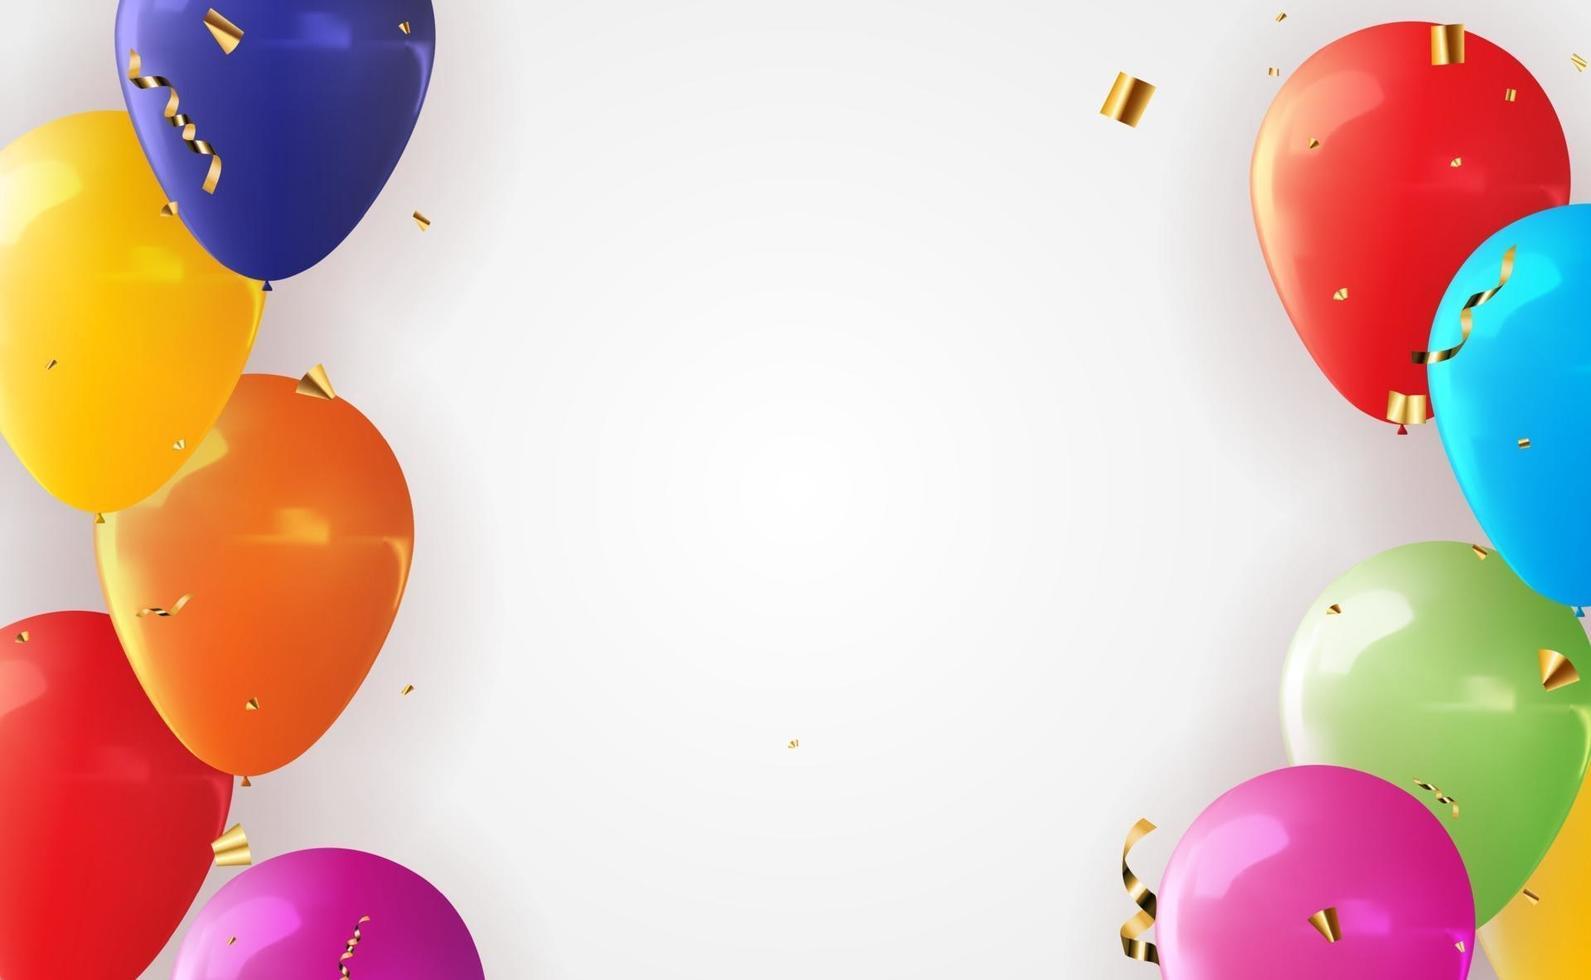 sfondo realistico palloncino 3d per festa, vacanza, compleanno, carta di promozione, poster. illustrazione vettoriale